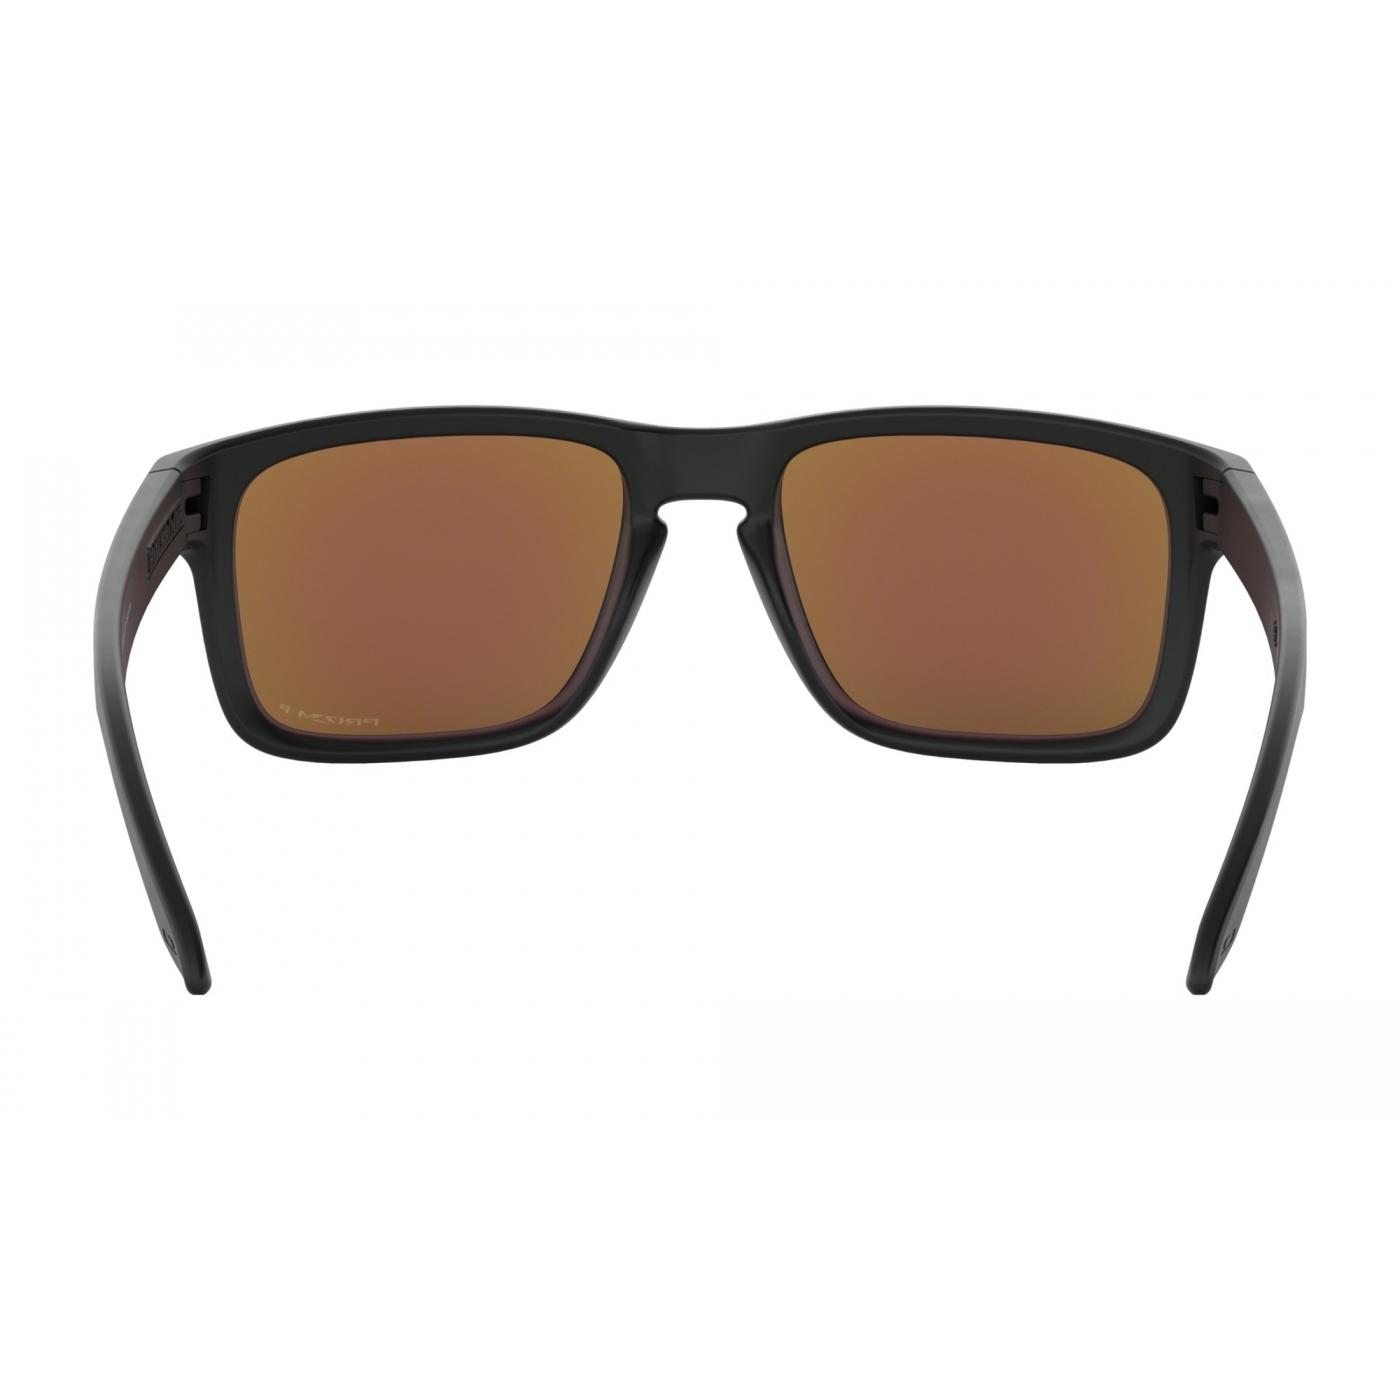 8f3d91322df4a Lunettes De Soleil Oakley Holbrook Matte Black Prizm Sapphire Polarized